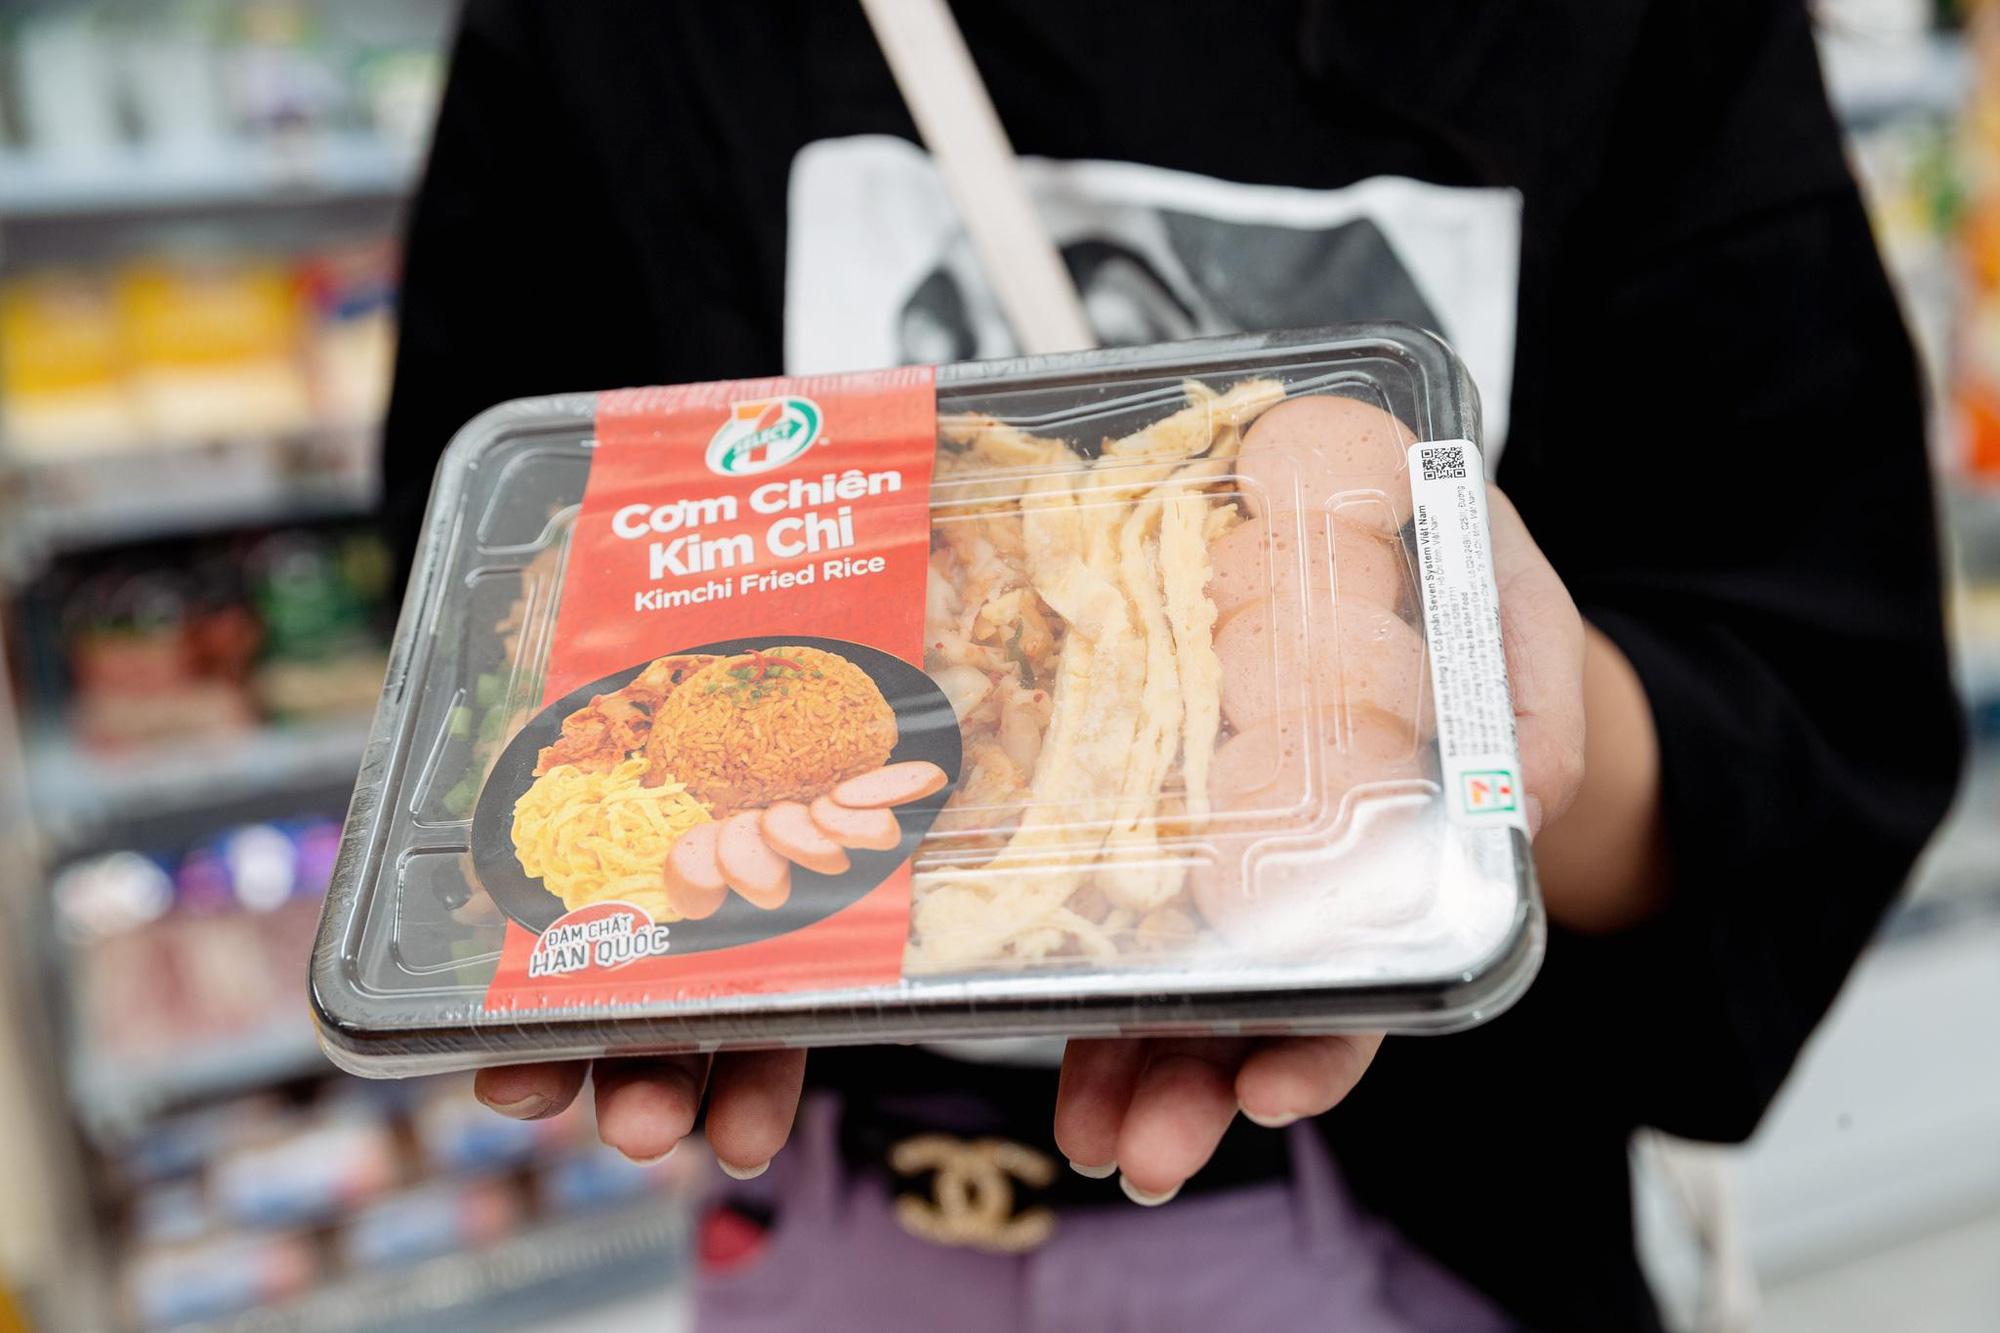 Khám phá loạt món đồ thiết yếu ở 7-Eleven khiến bạn ồ à quyết xuống tiền mua ngay! - Ảnh 2.